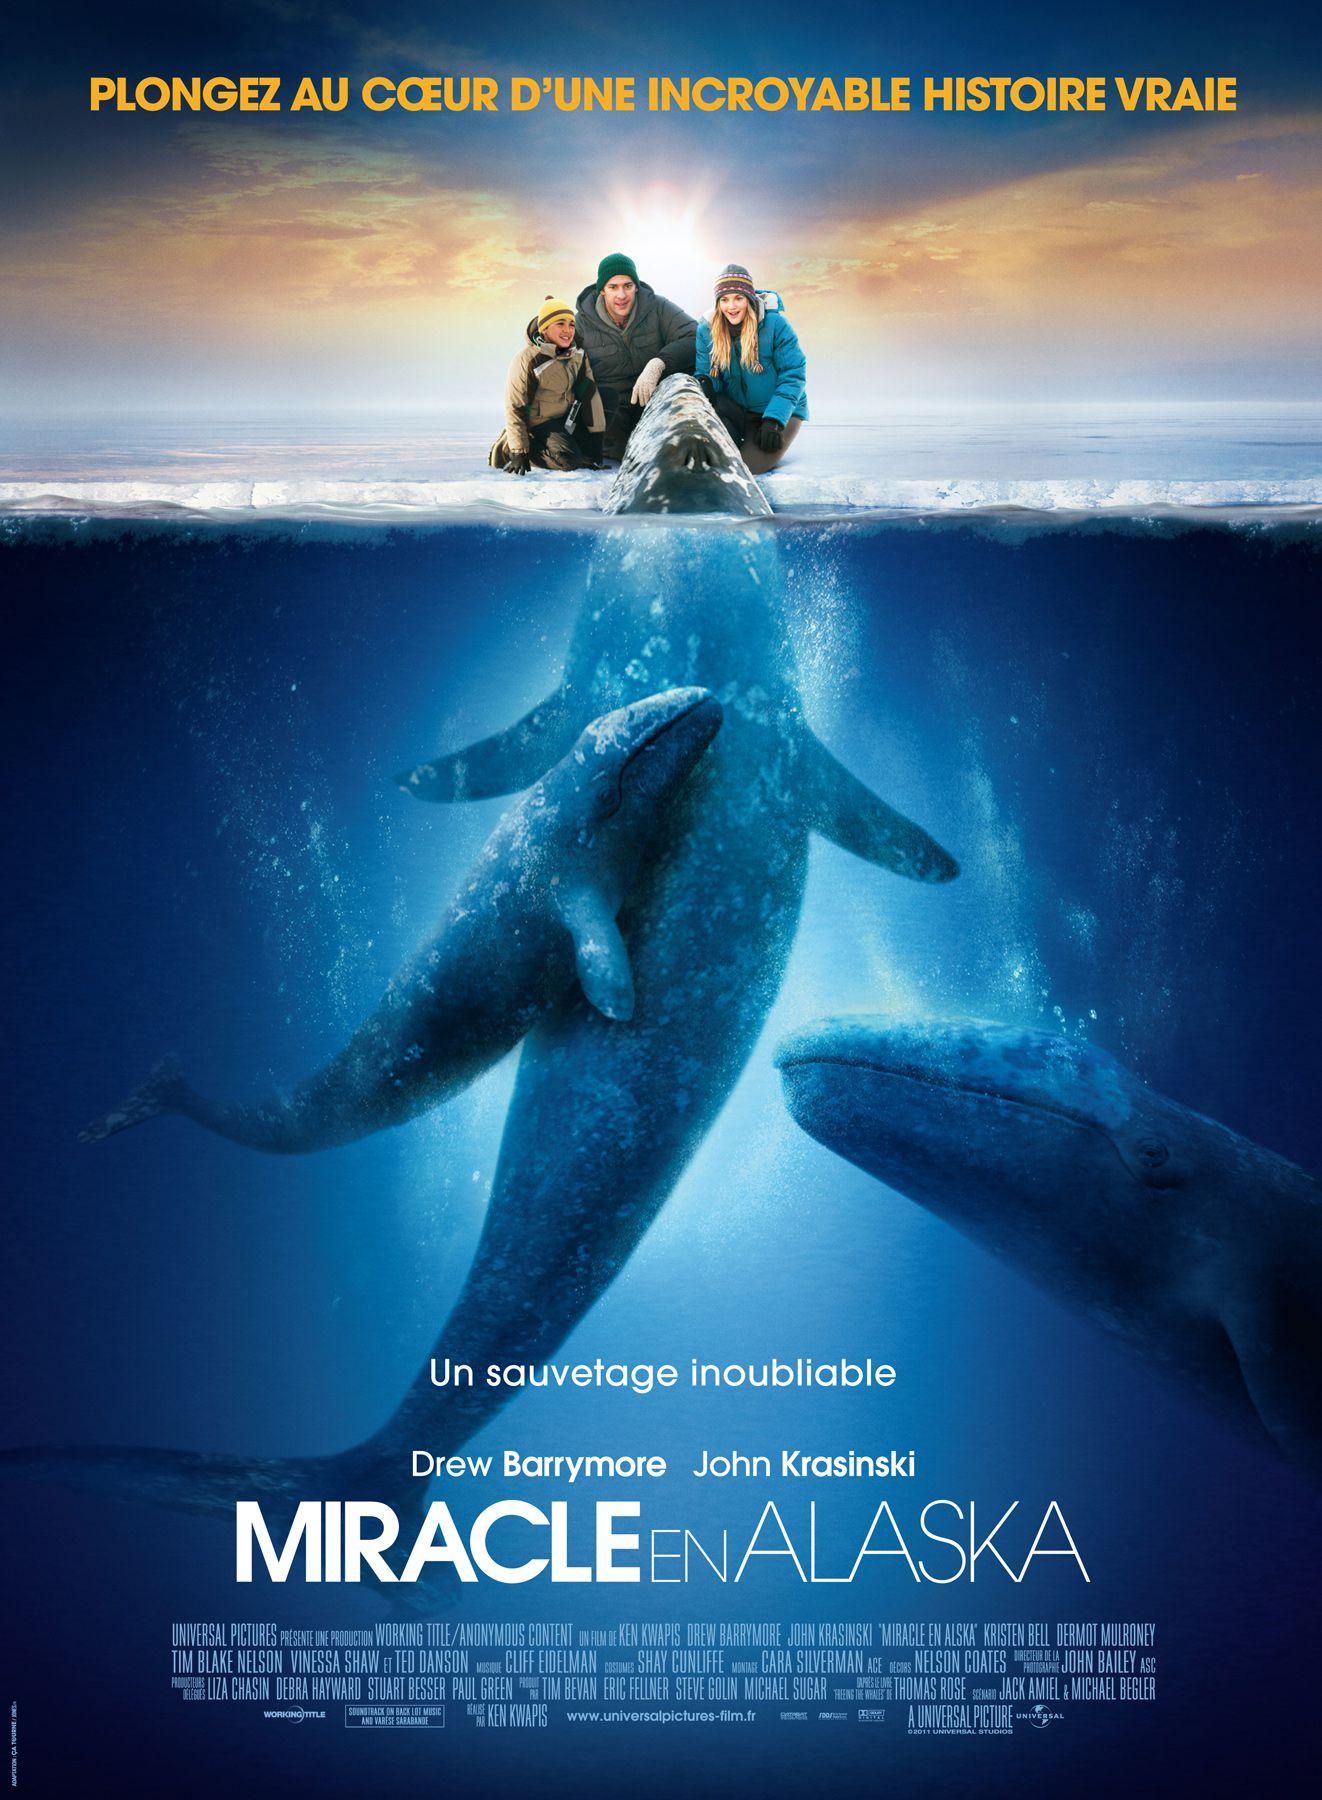 Miracle en Alaska - Film (2012)